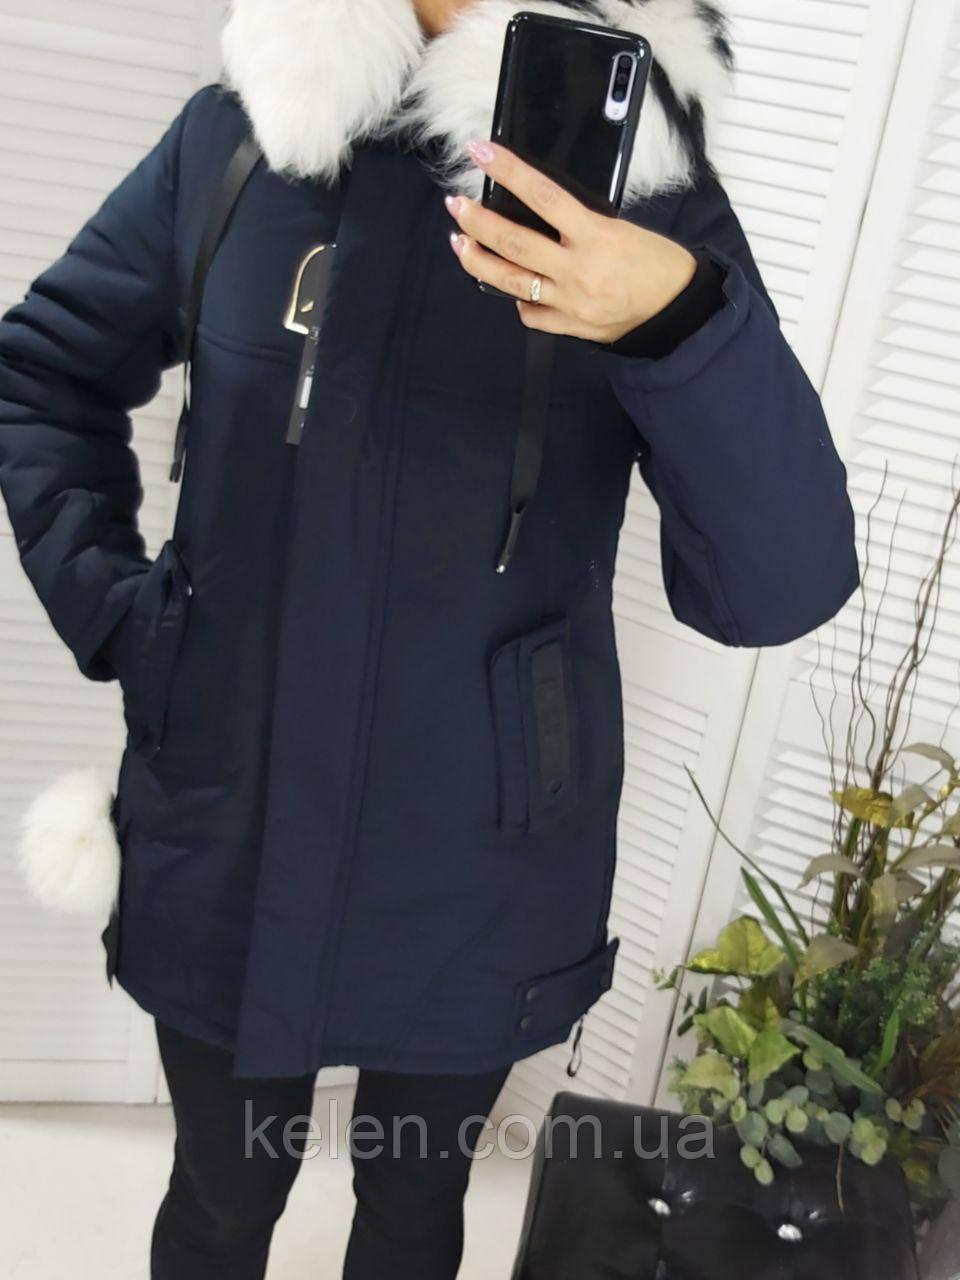 Зимняя женская курточка с натуральным мехом 46, 48 размеры КЗ-0030